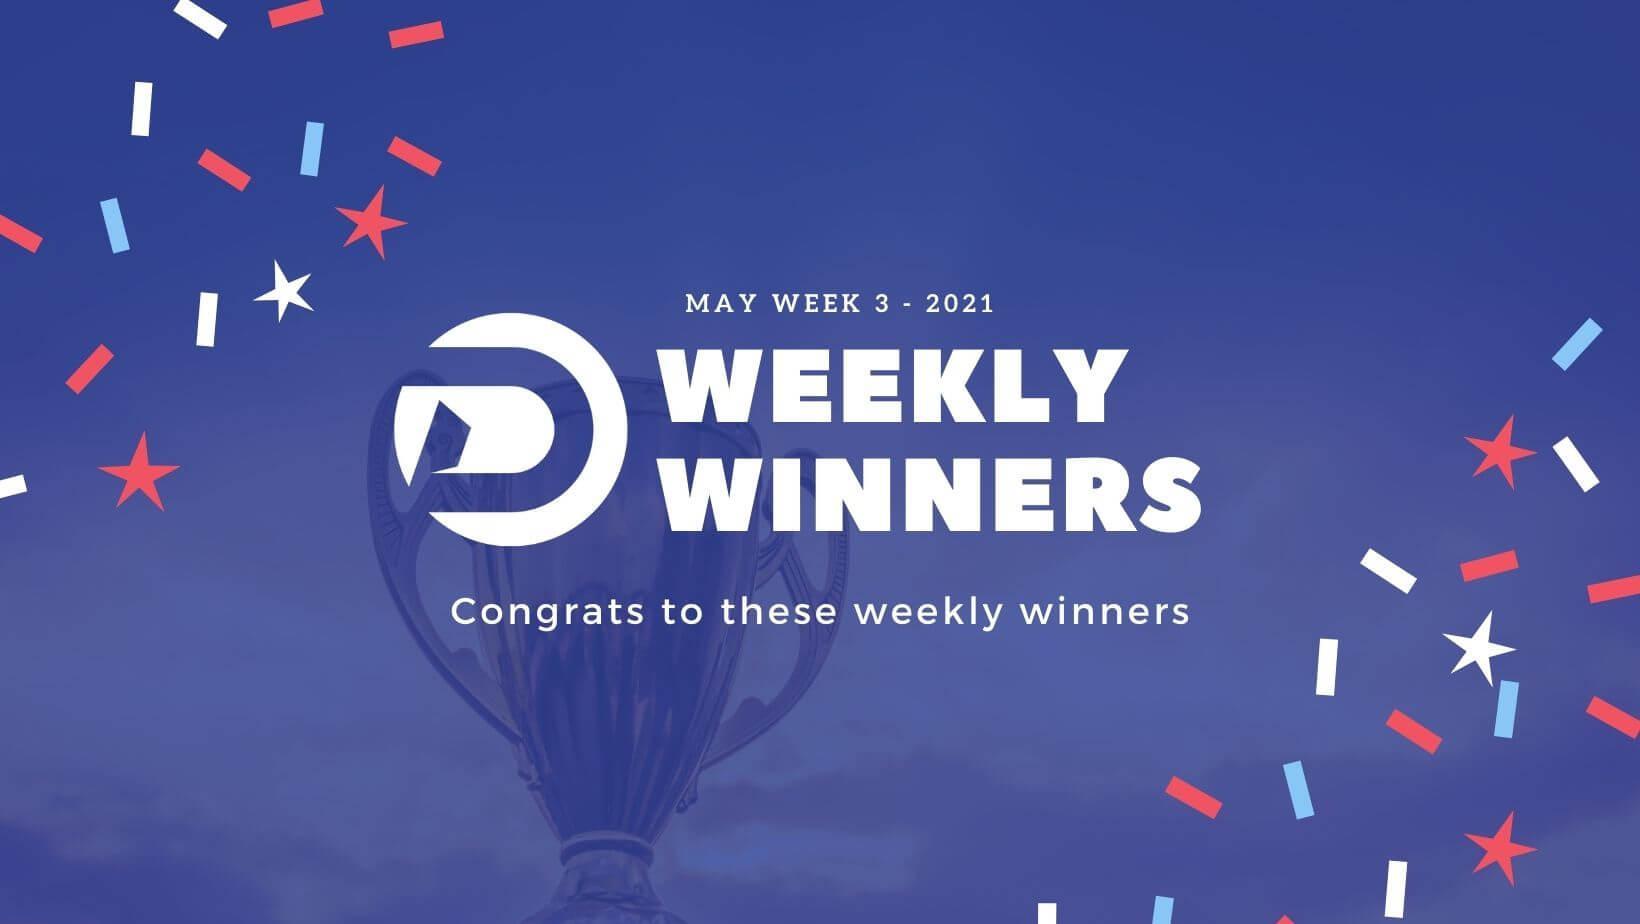 DevDojo Weekly Winners Week 3 May 2021